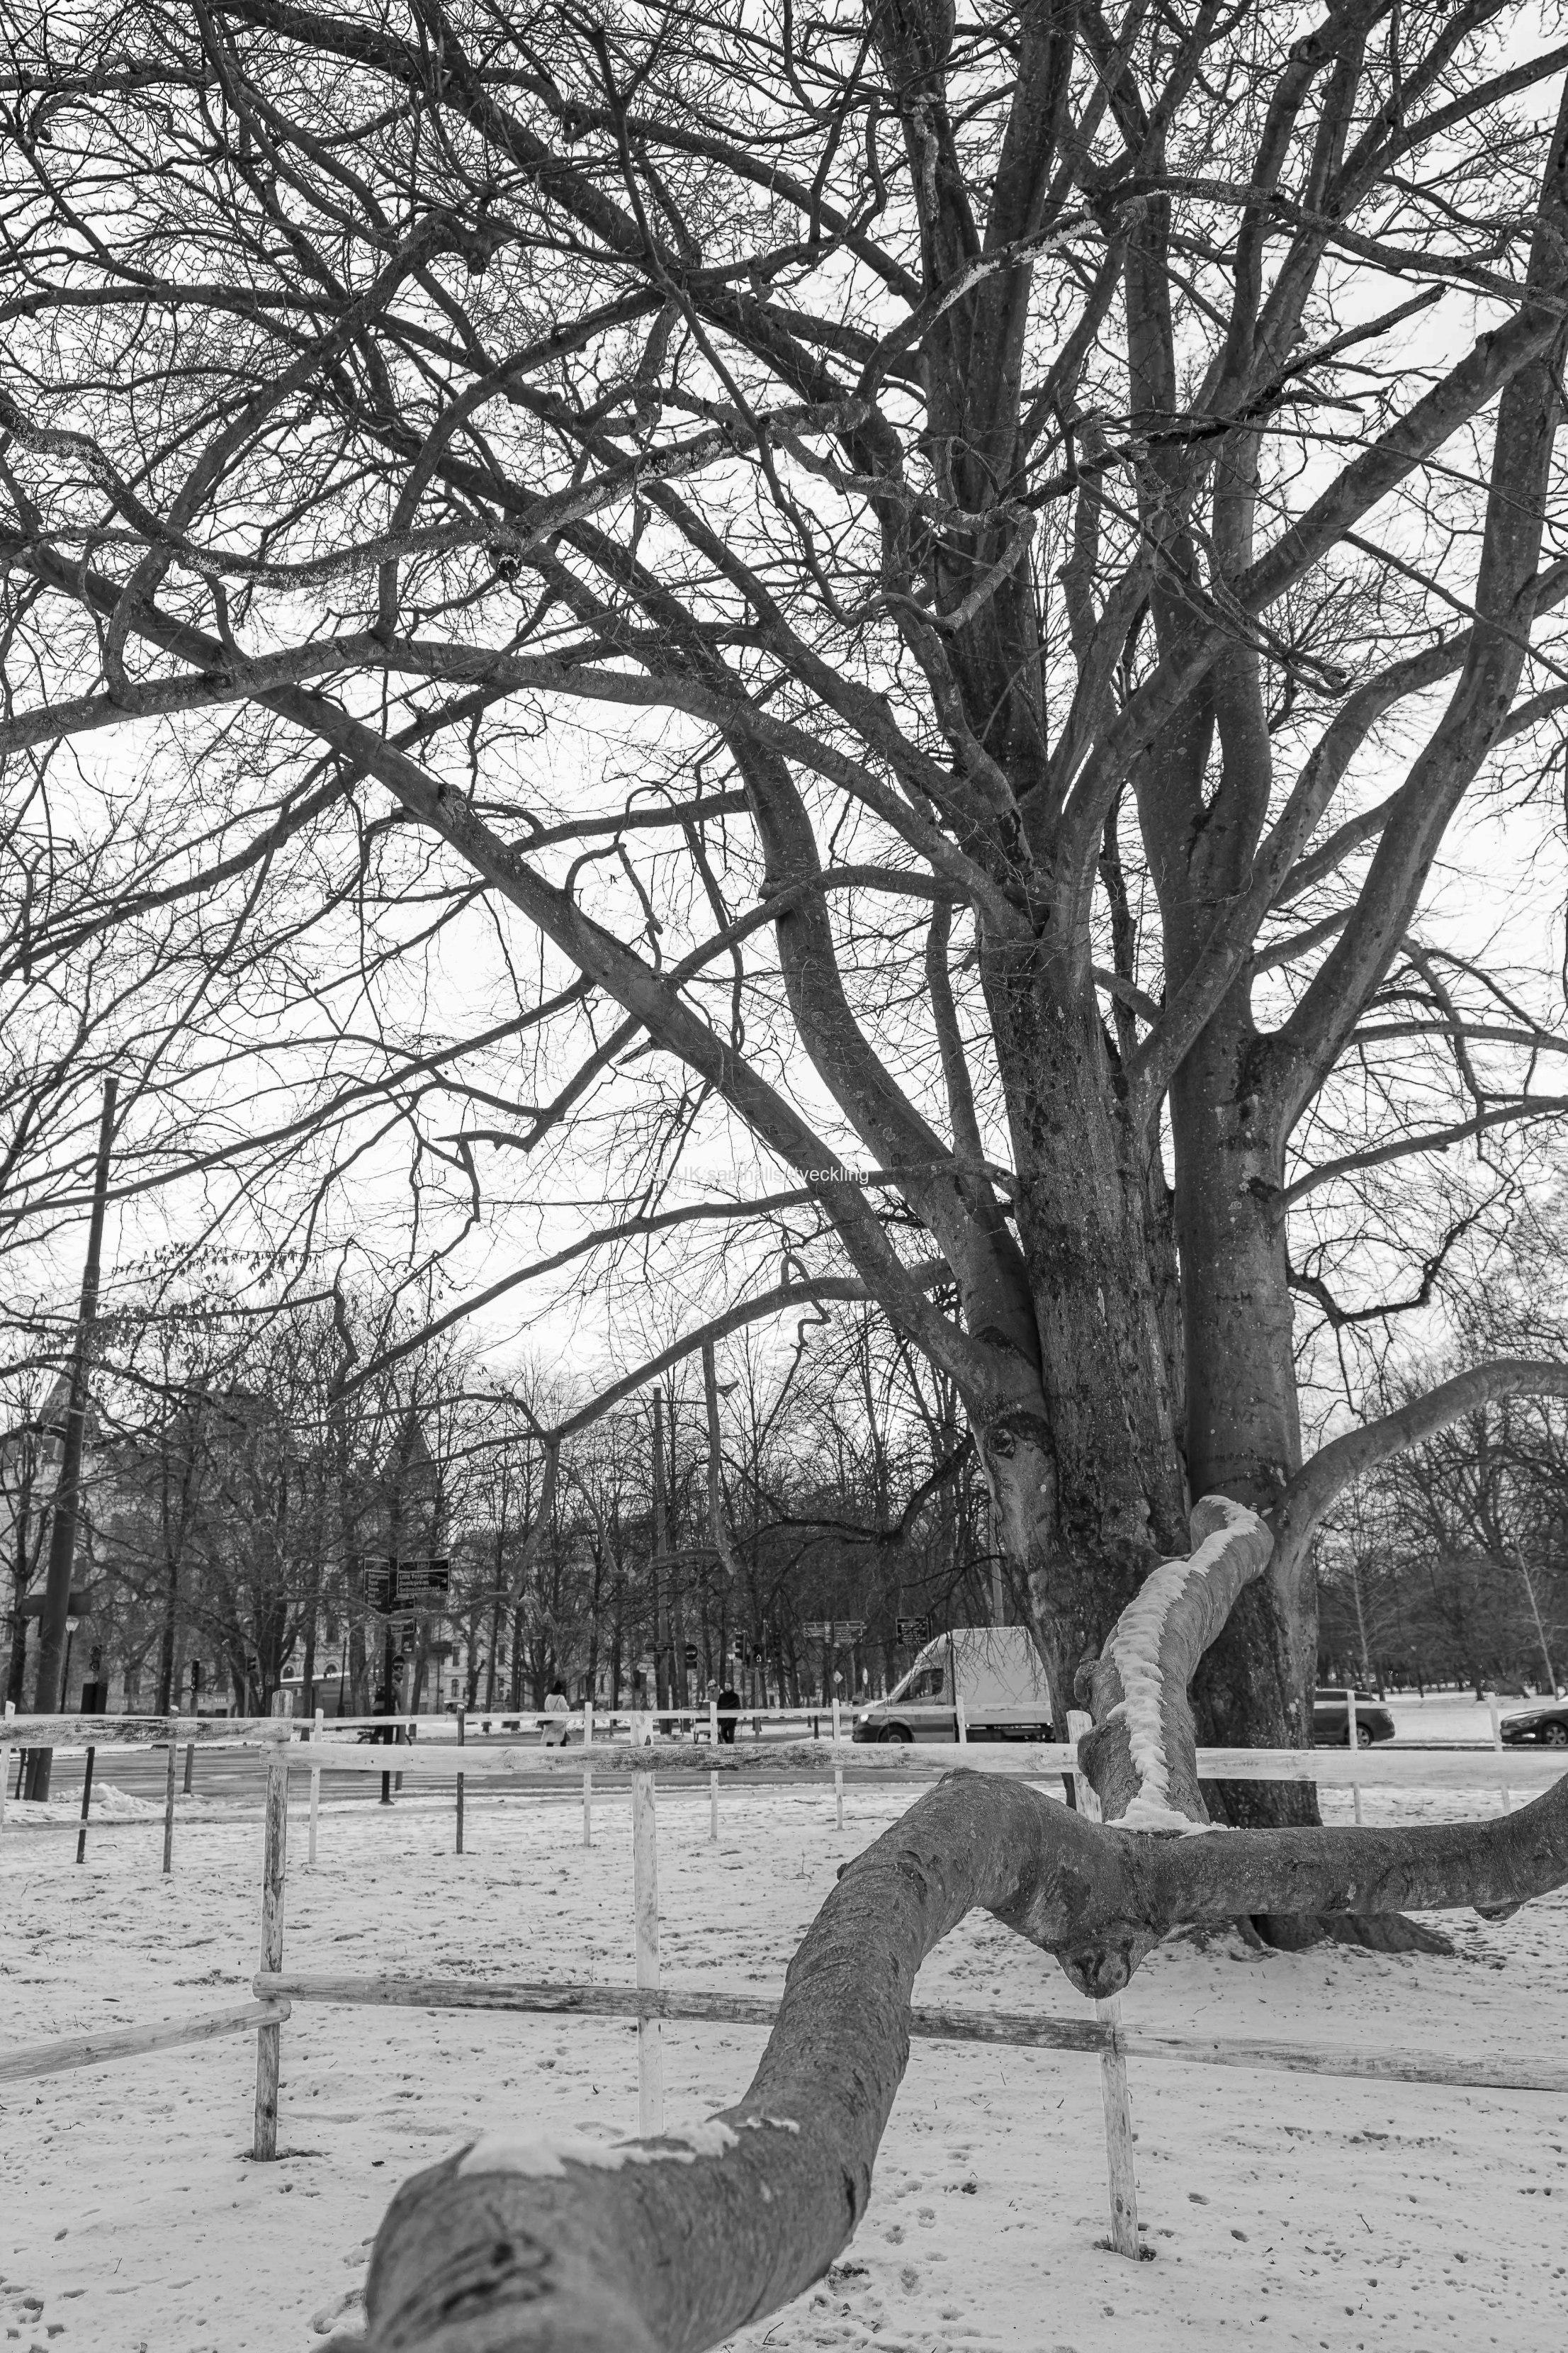 Ett svartvit foto på samma träd i porträttformat .